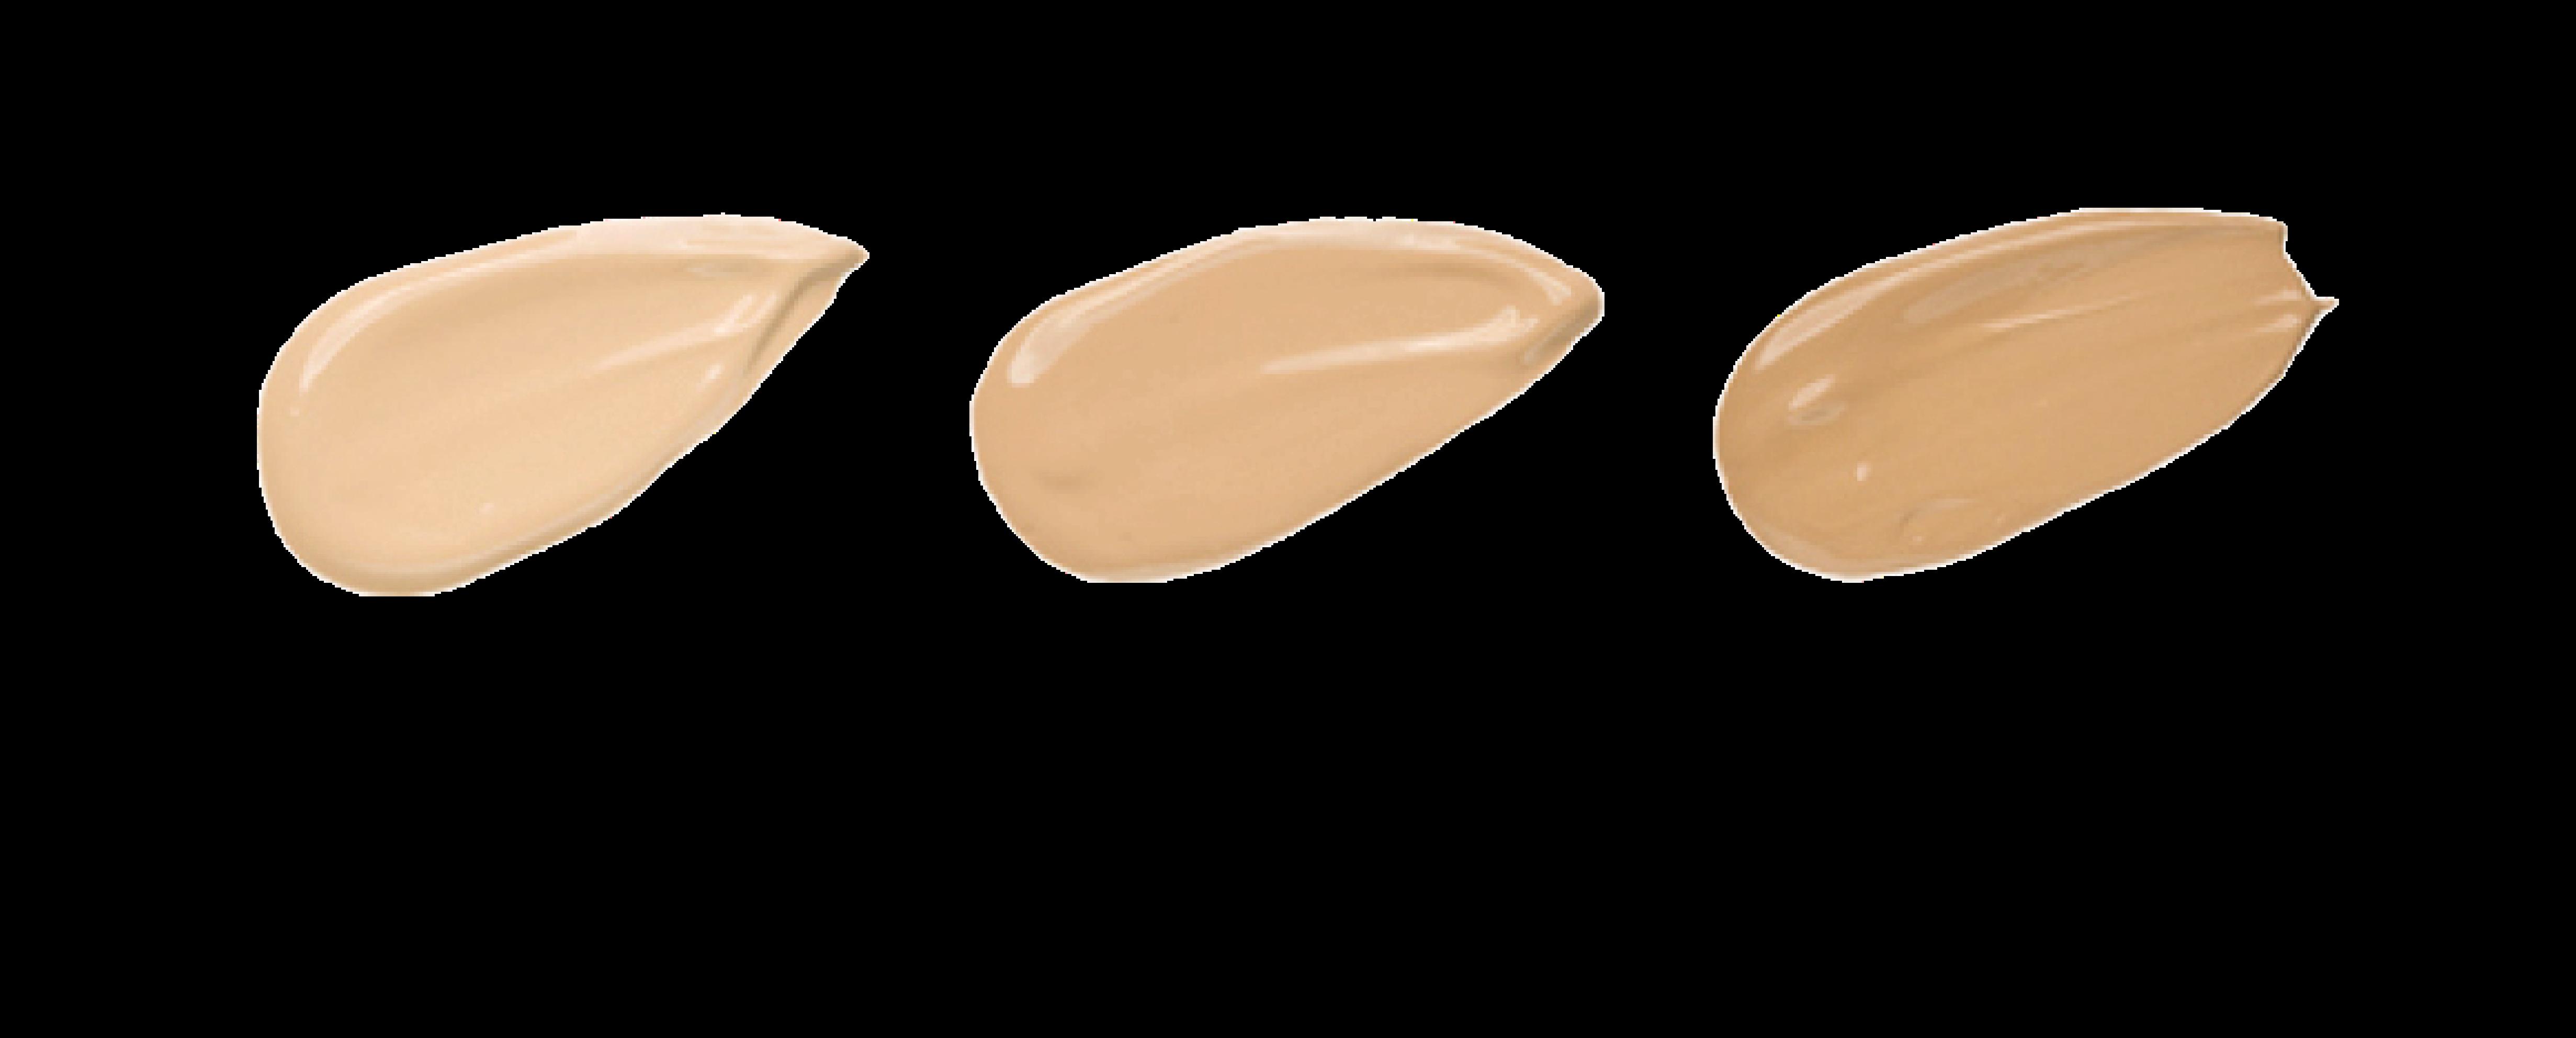 BB-Glow Dark Shade - Die Farbtöne der BB-Glow Seren von Utsukusy Cosmetics